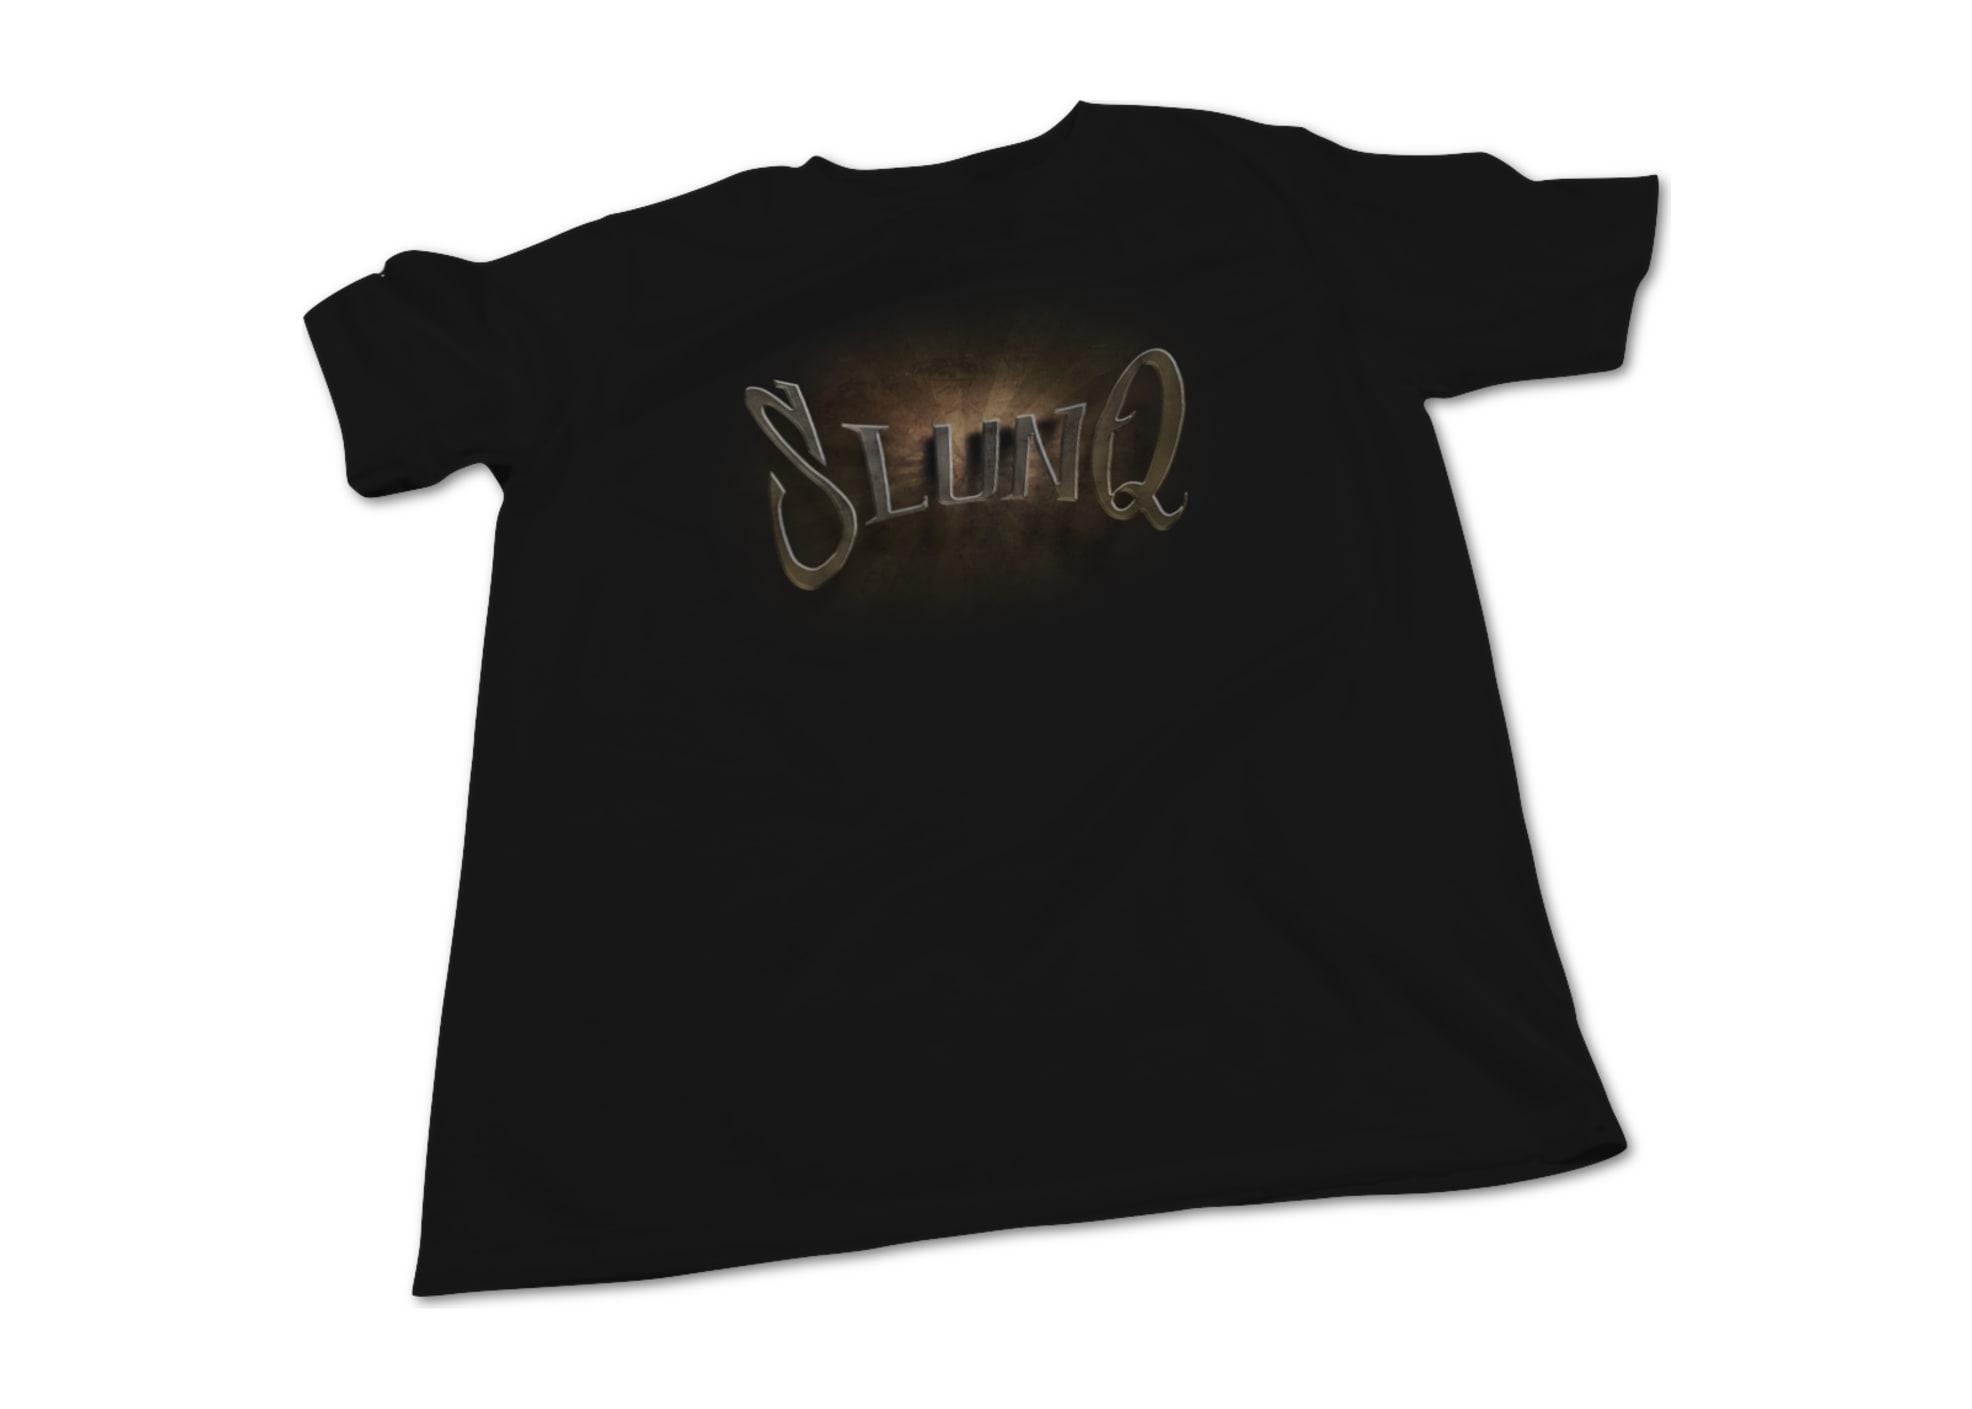 Slunq logo original 1570411367